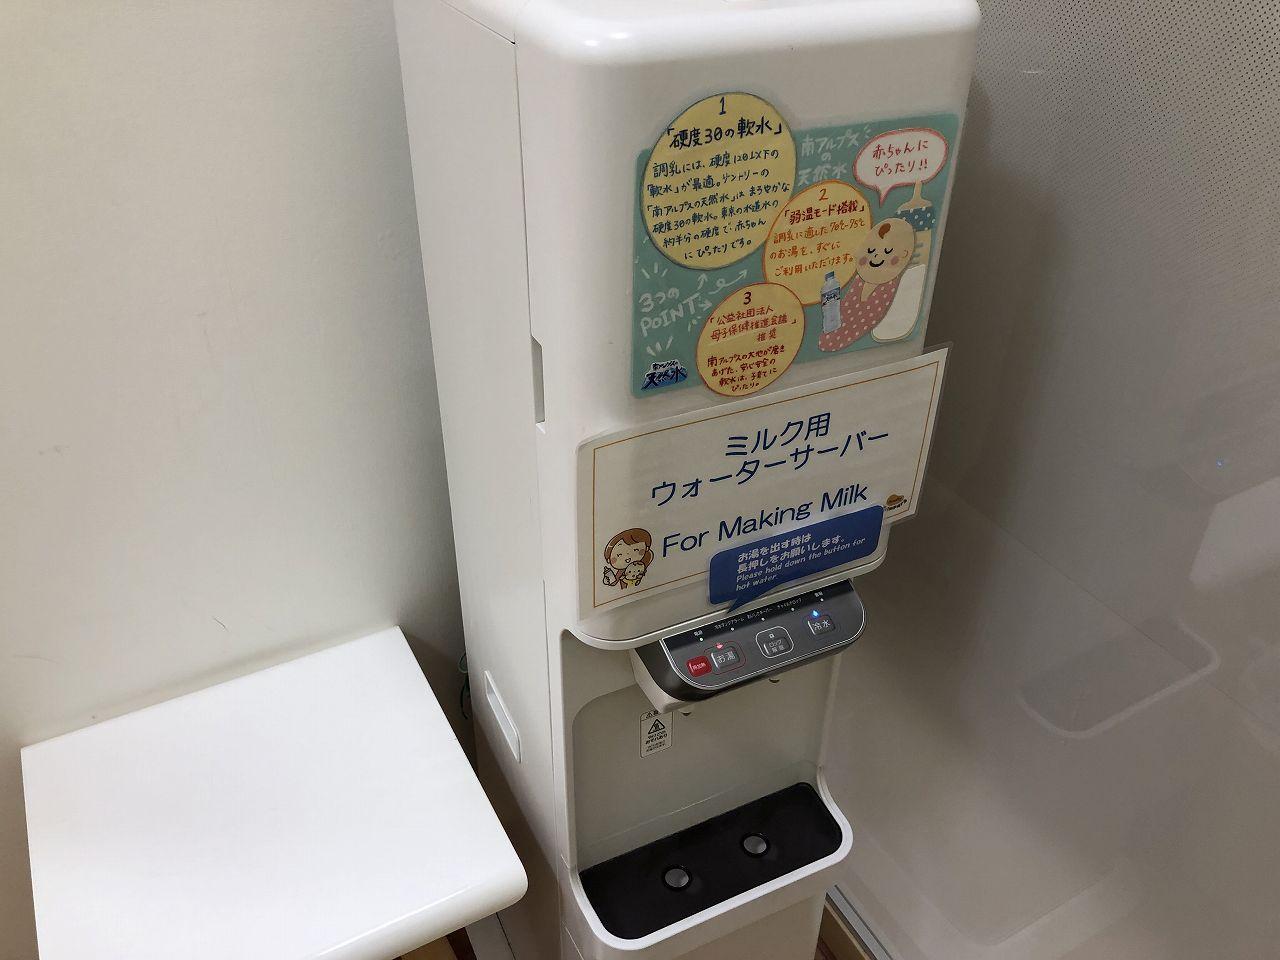 ミルク用ウォーターサーバー